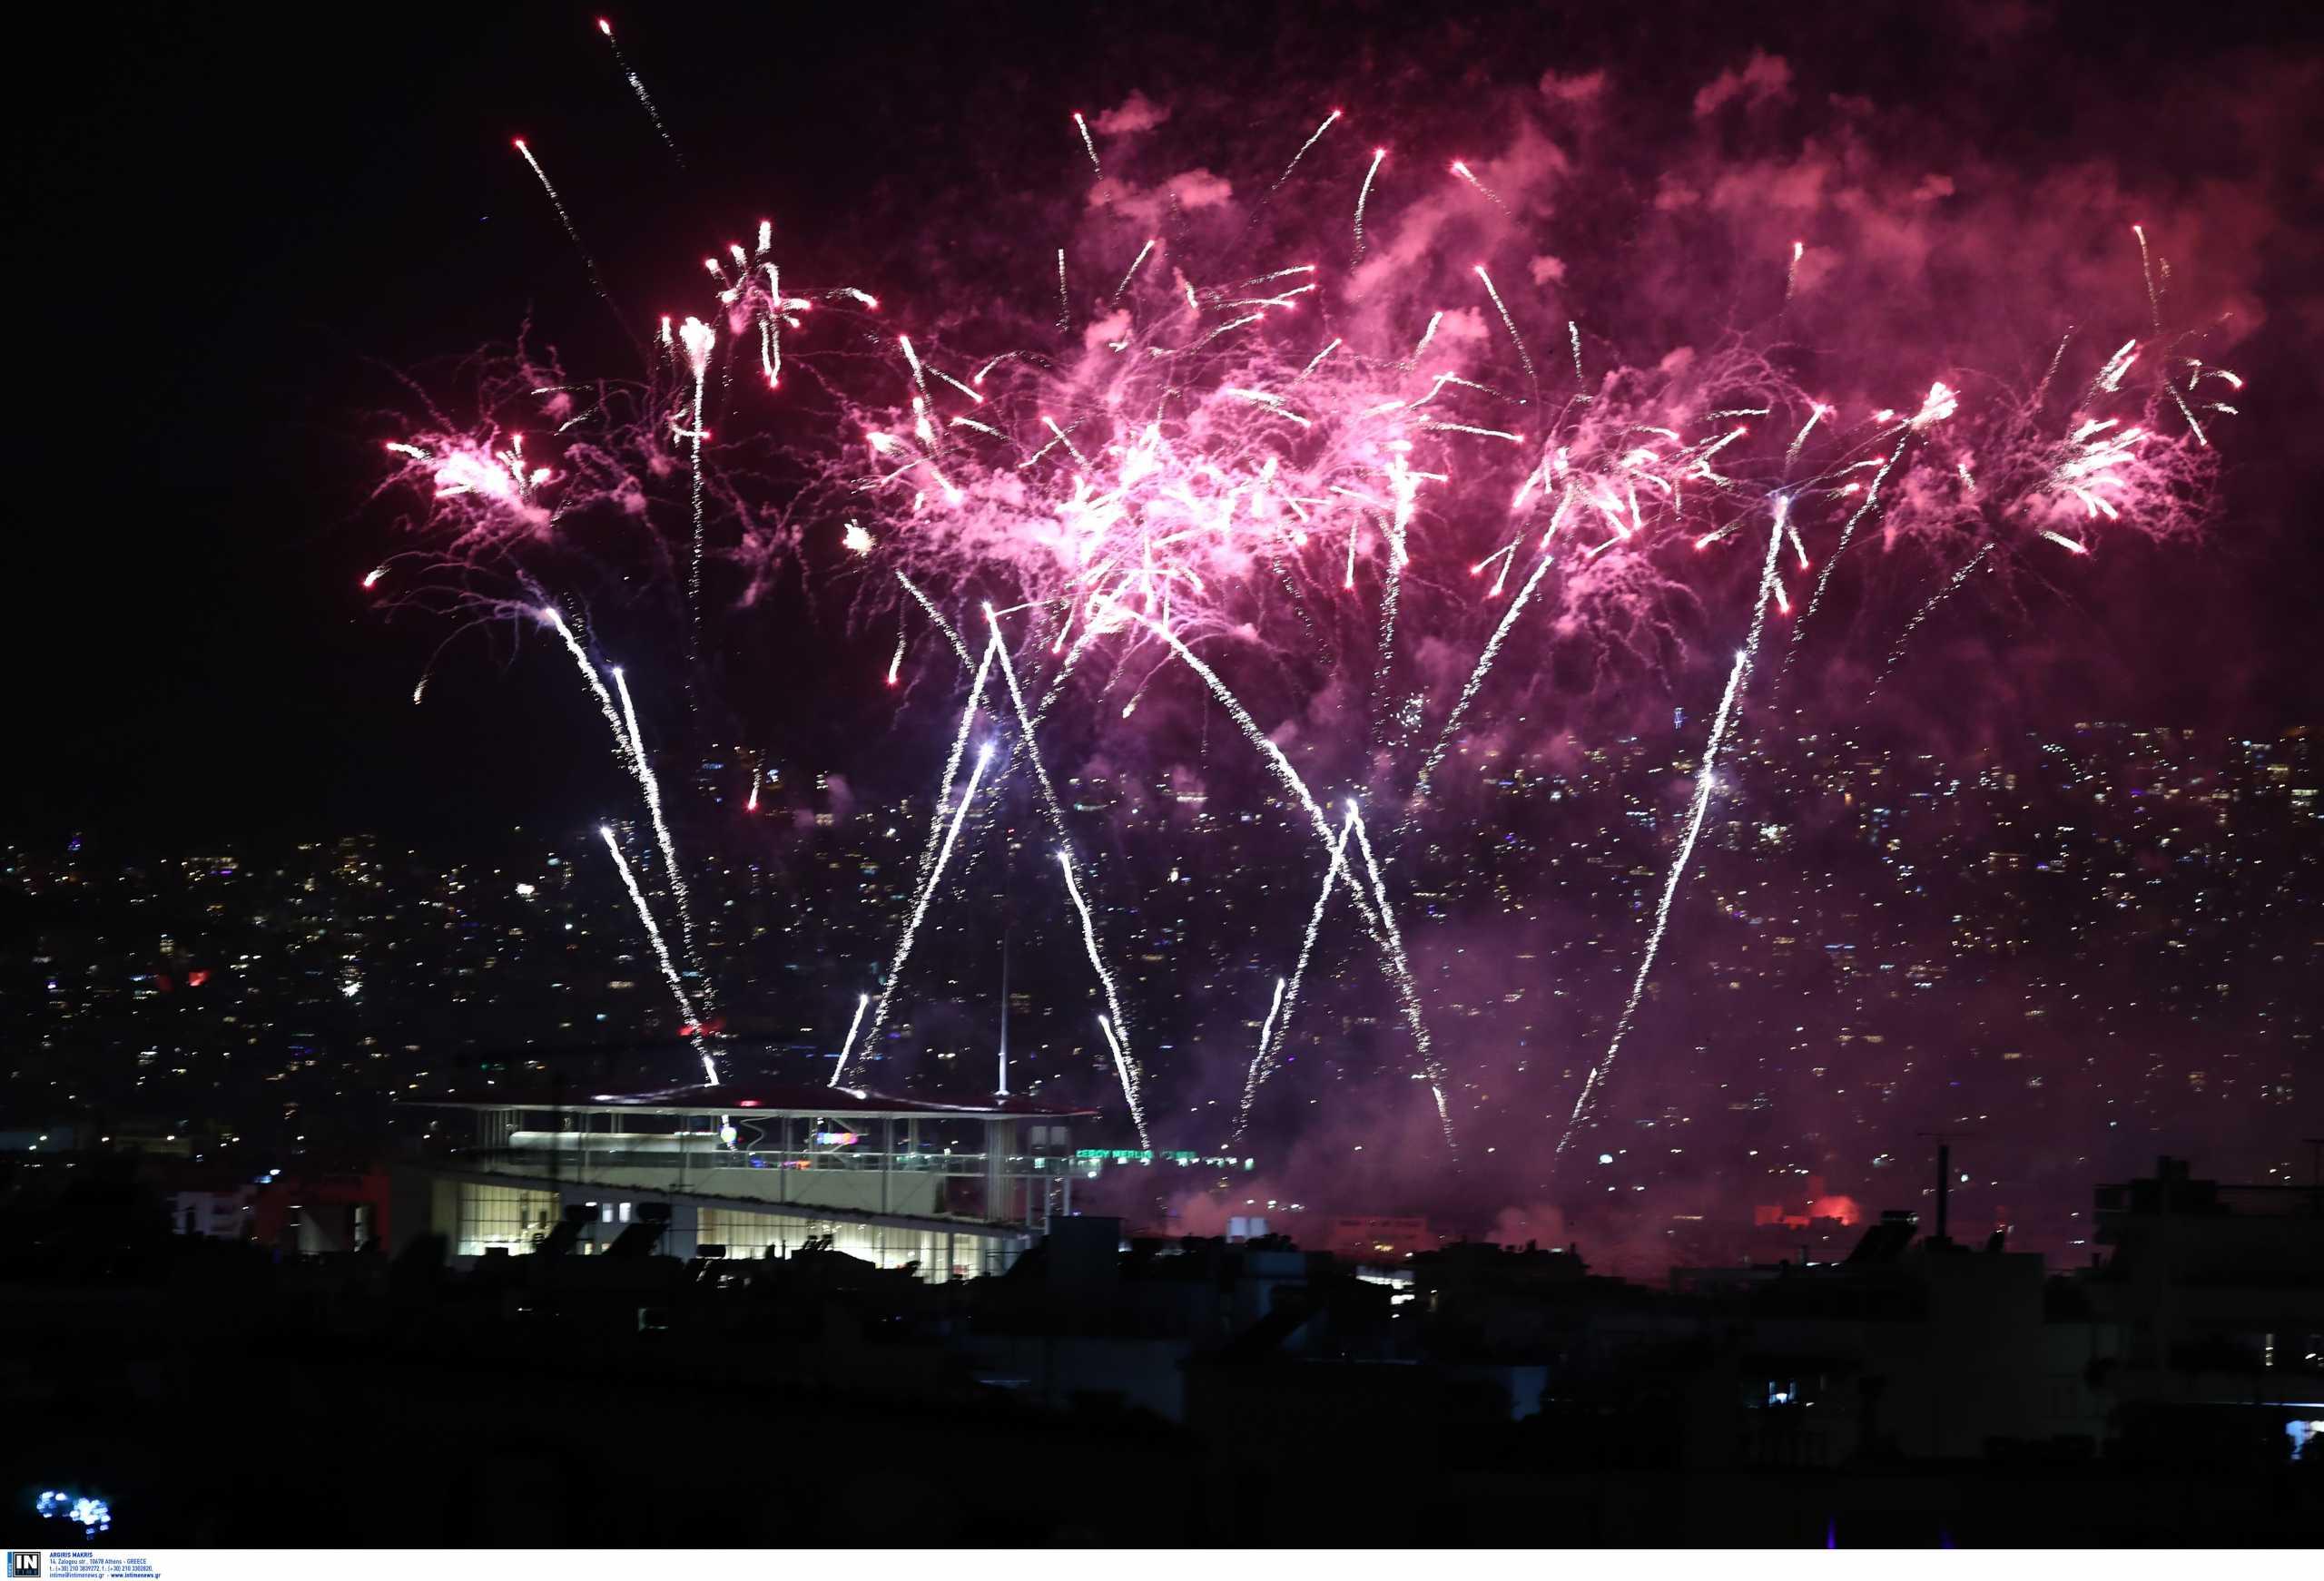 Πρωτοχρονιά στα μπαλκόνια και με βροχή από πυροτεχνήματα – Έτσι υποδέχτηκε η Ελλάδα το 2021